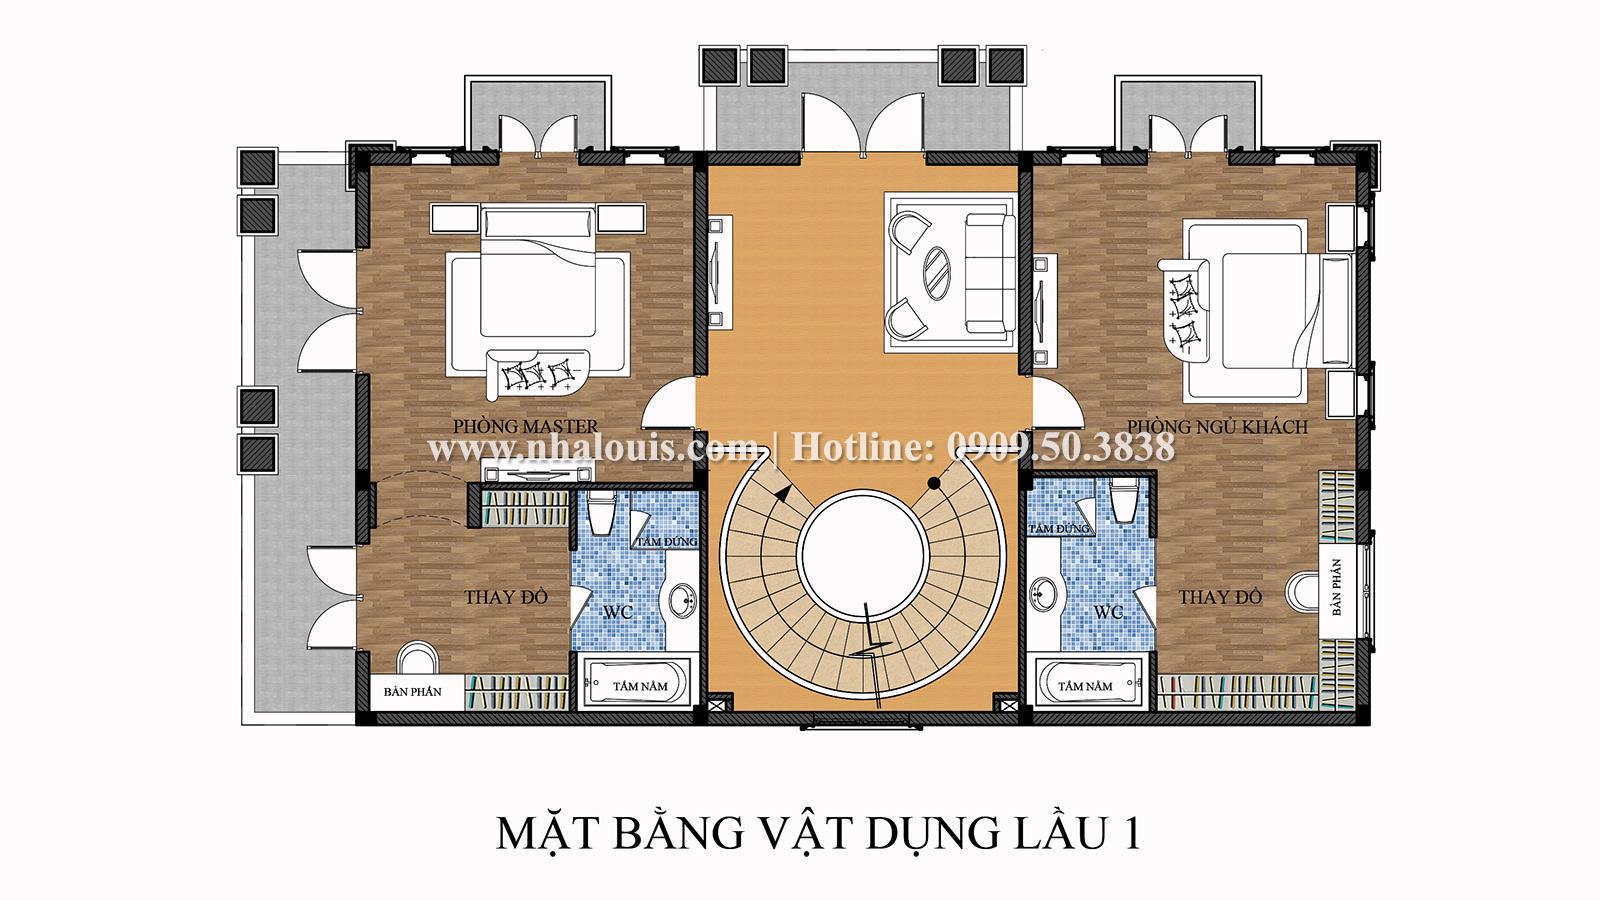 Mặt bằng tầng 1 Mẫu biệt thự 4 tầng phong cách tân cổ điển nổi bật tại Thanh Hóa - 06